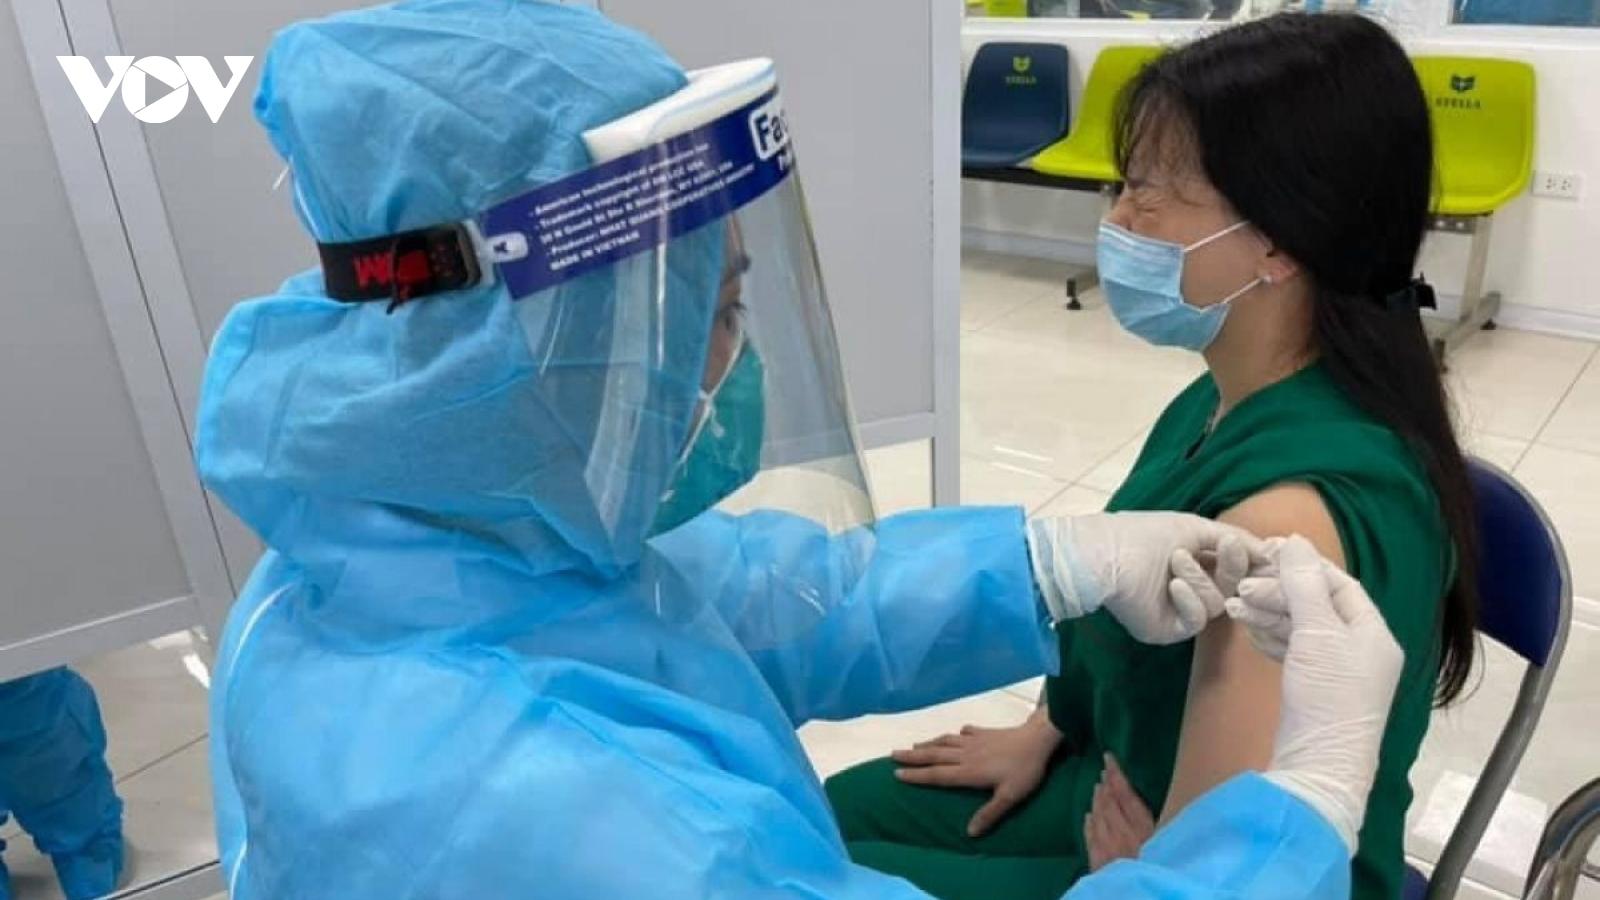 Cập nhật độ phủ vaccine phòng COVID-19 tại Hà Nội